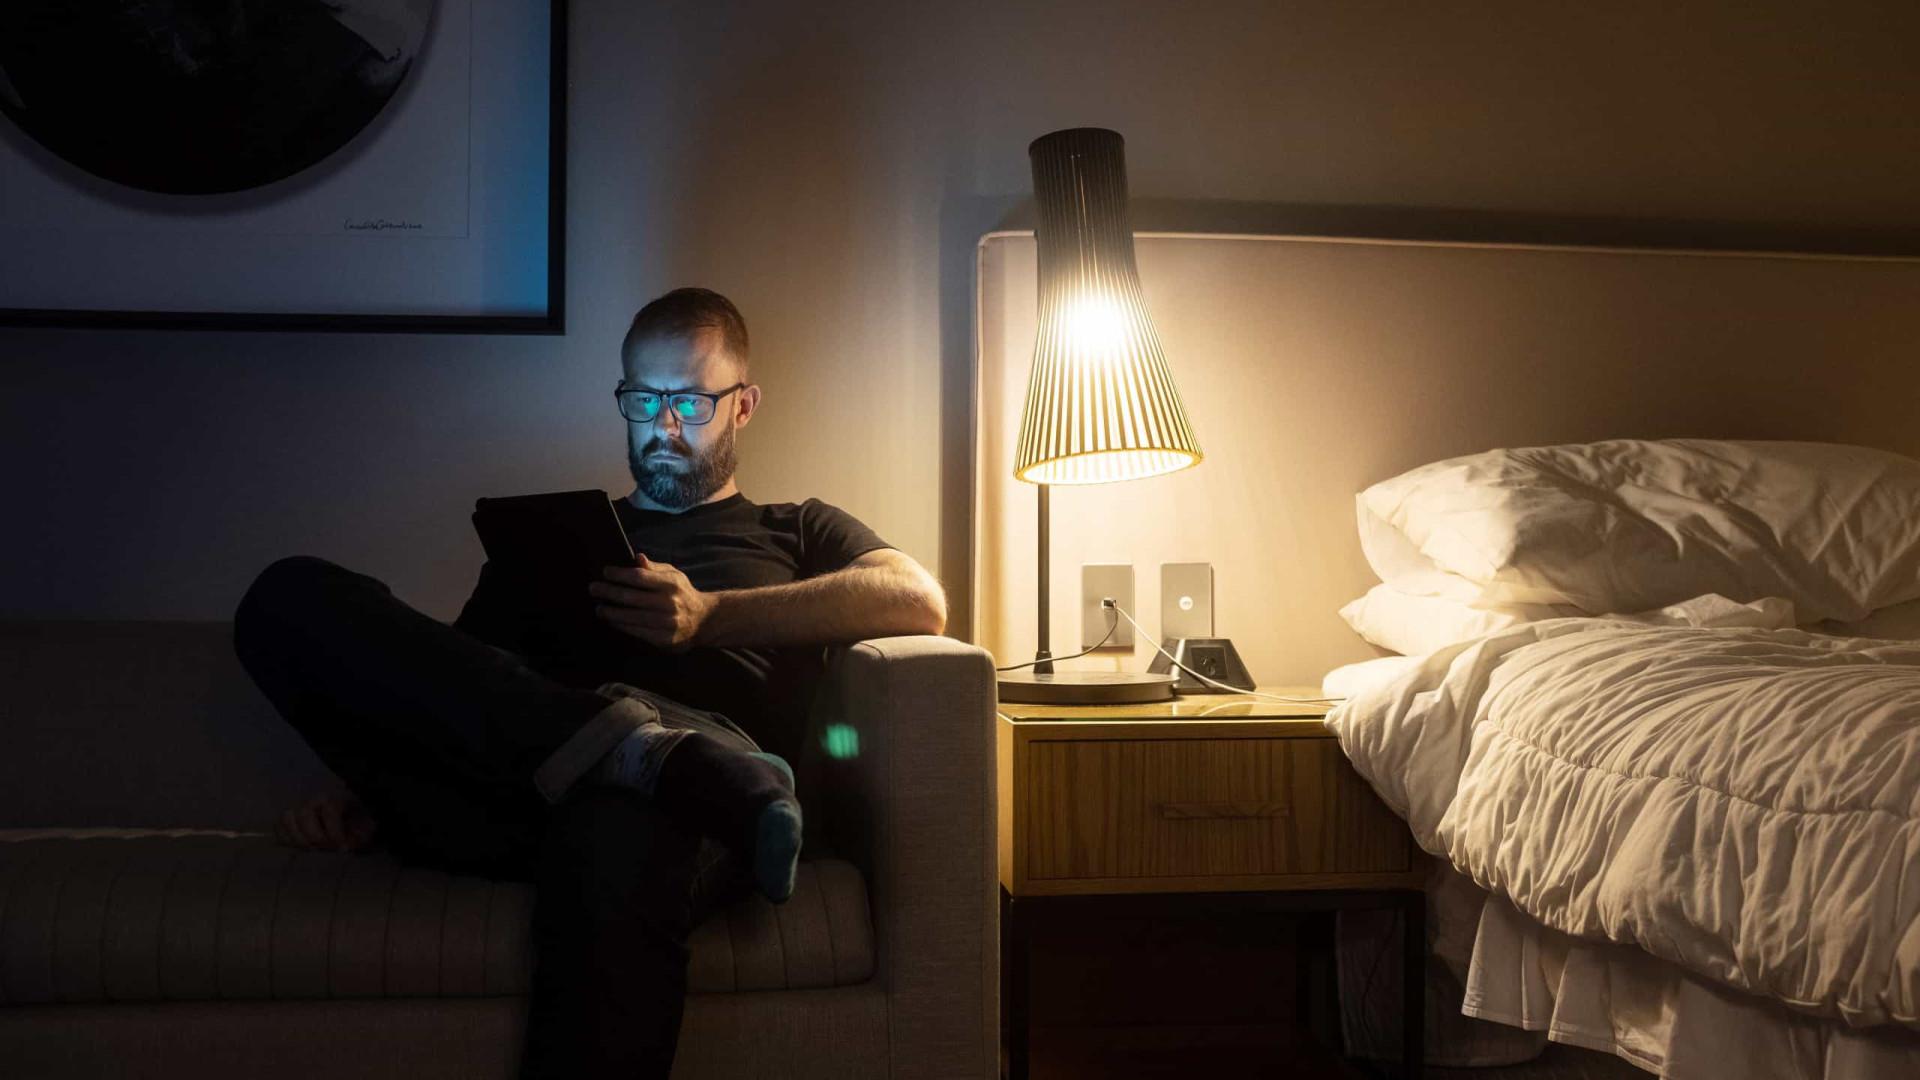 Portugueses compram mais online do que no ano passado, segundo um estudo